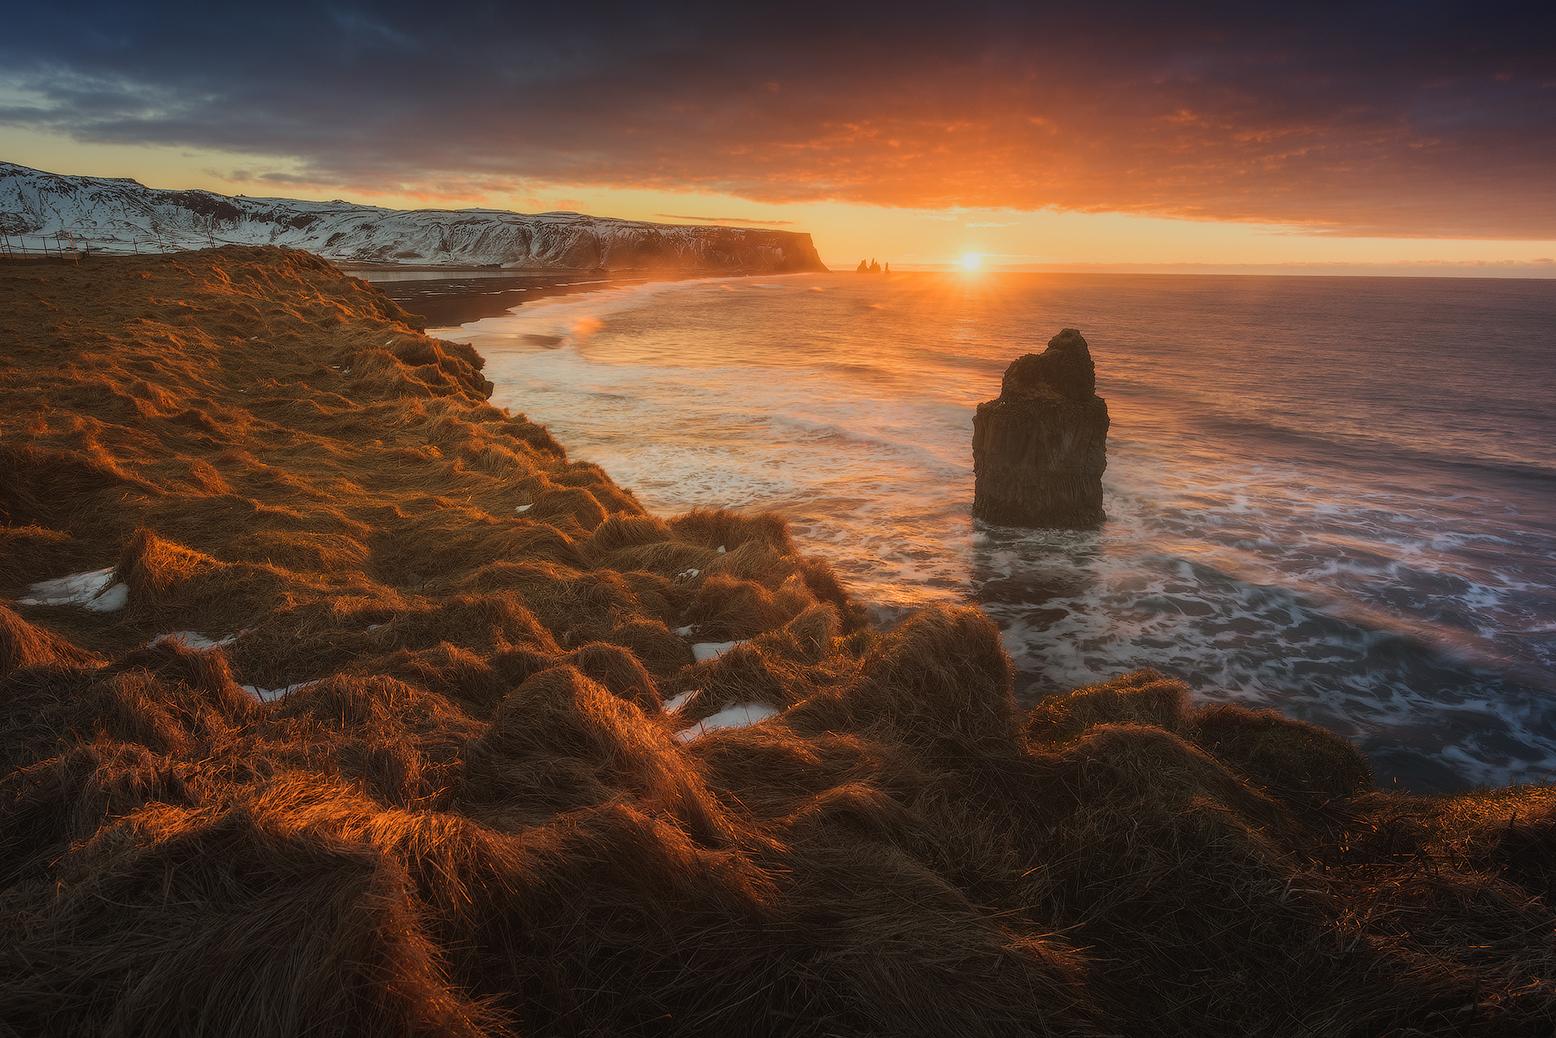 เรนิสแดรงเกอร์เป็นชั้นหินบนชายหาดทรายดำเรย์นิสฟยารา.